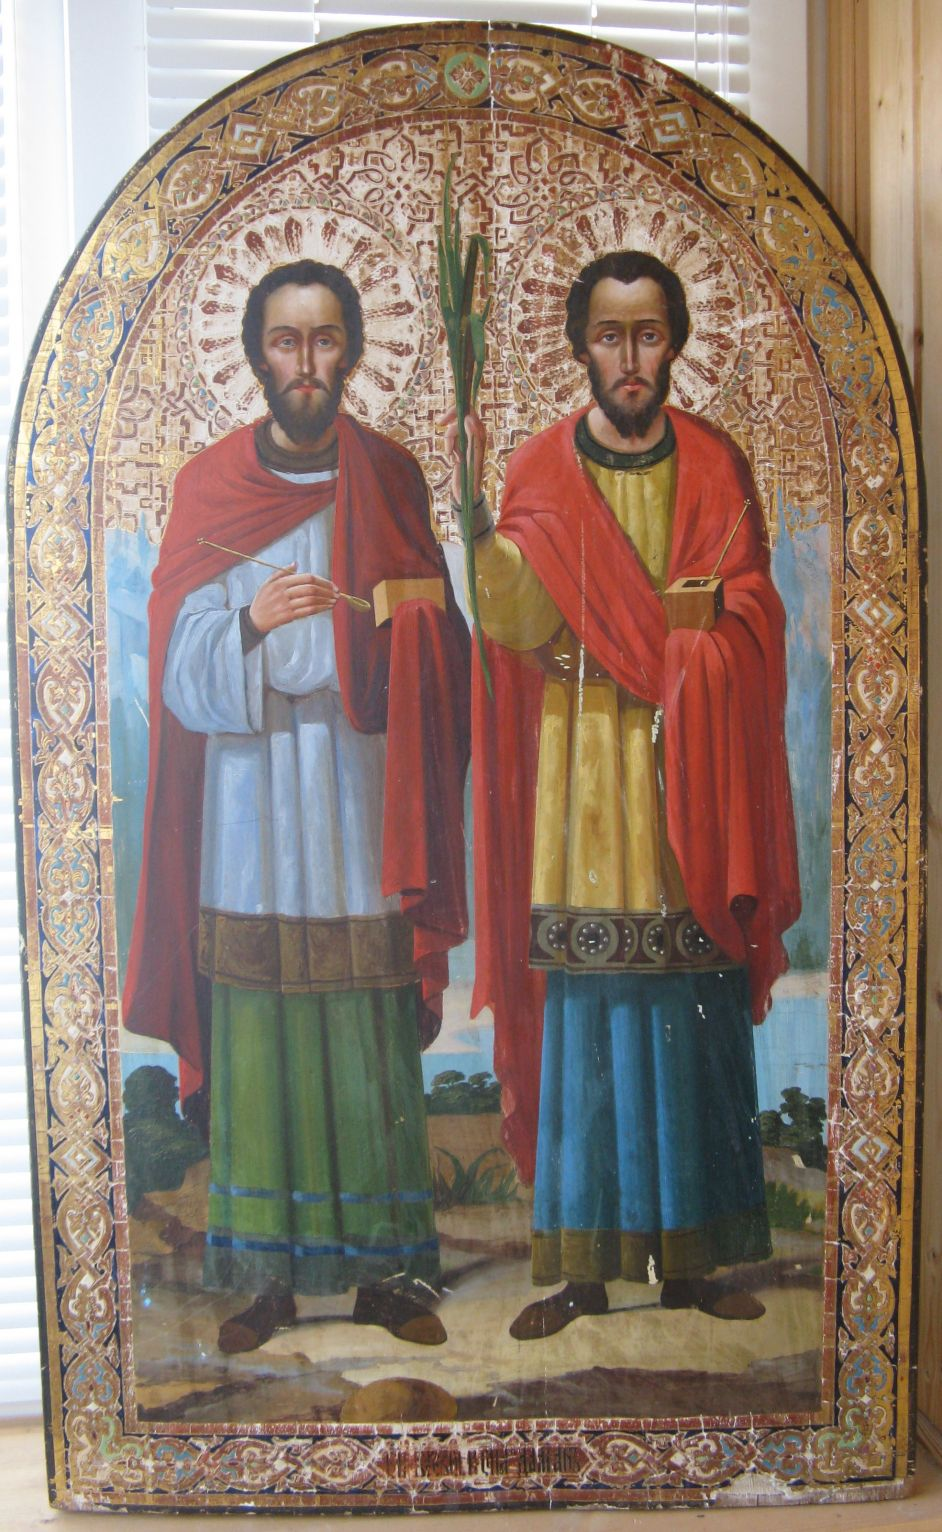 Косма и Дамиан: святые бессребреники (видео, аудио, чудеса, молитвы, житие,  акафист) | ВКонтакте